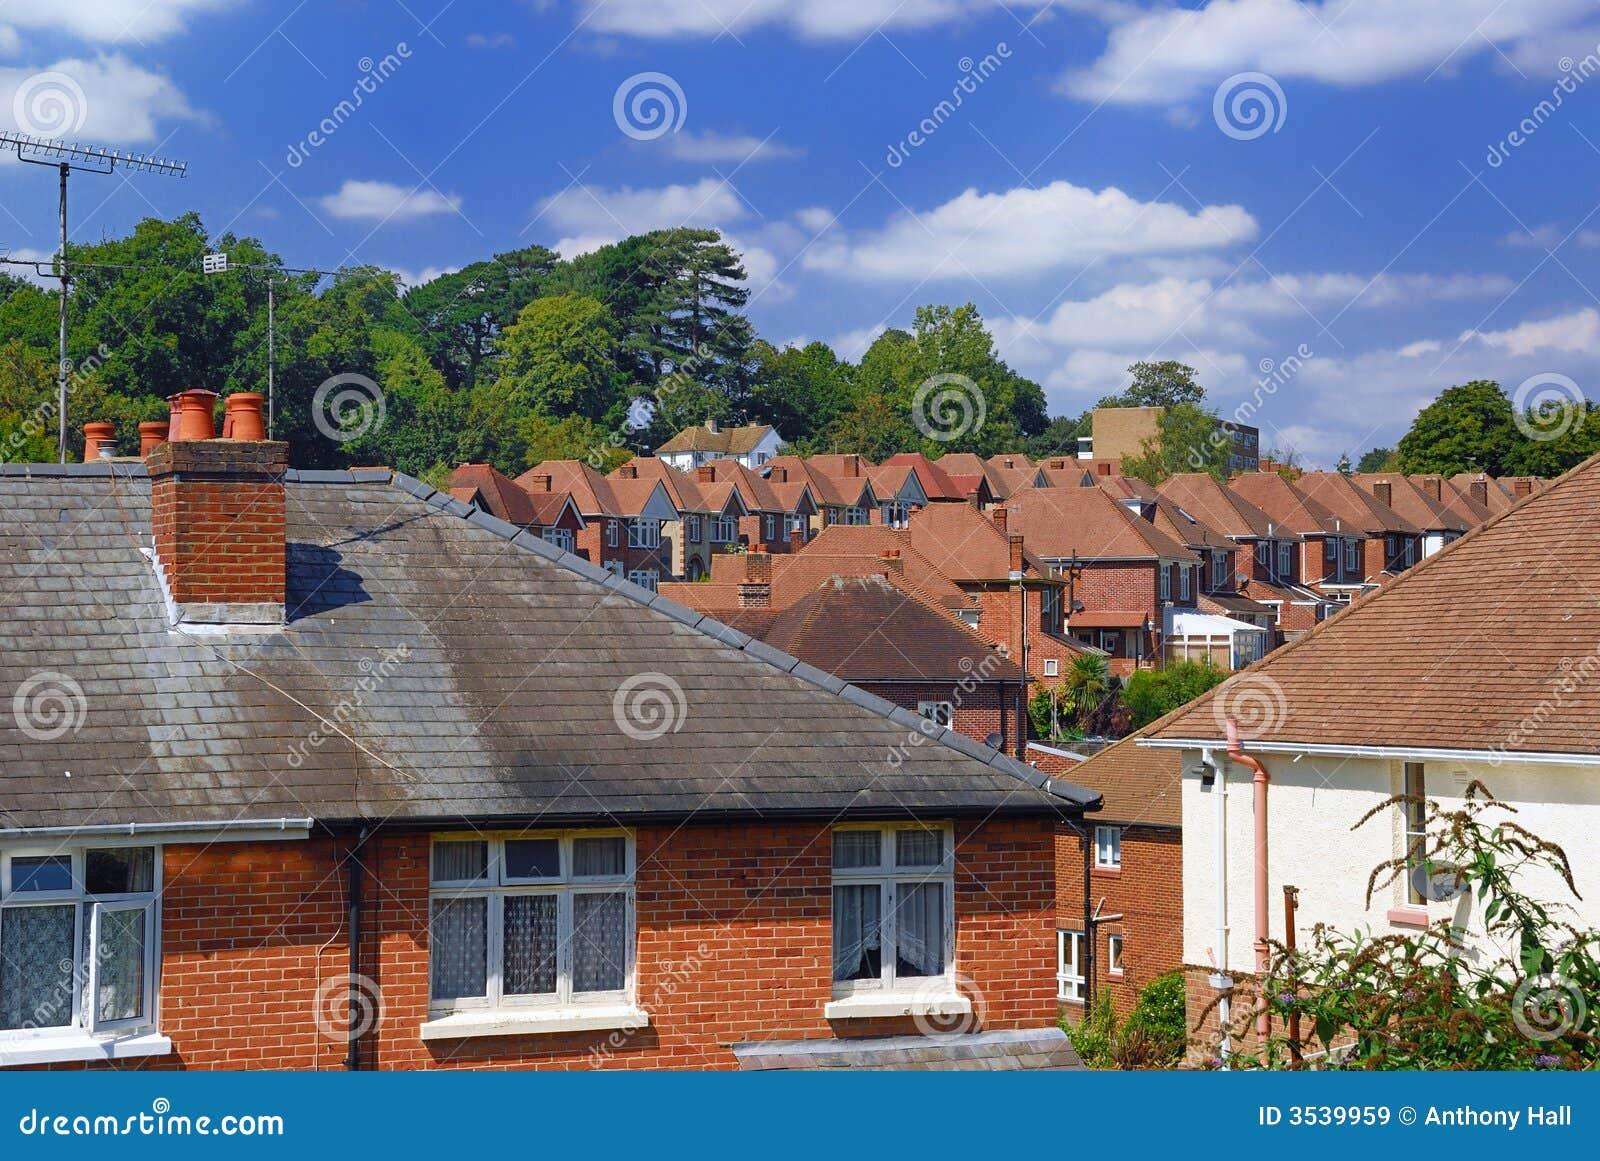 banlieue anglaise de brique rouge image stock image du. Black Bedroom Furniture Sets. Home Design Ideas